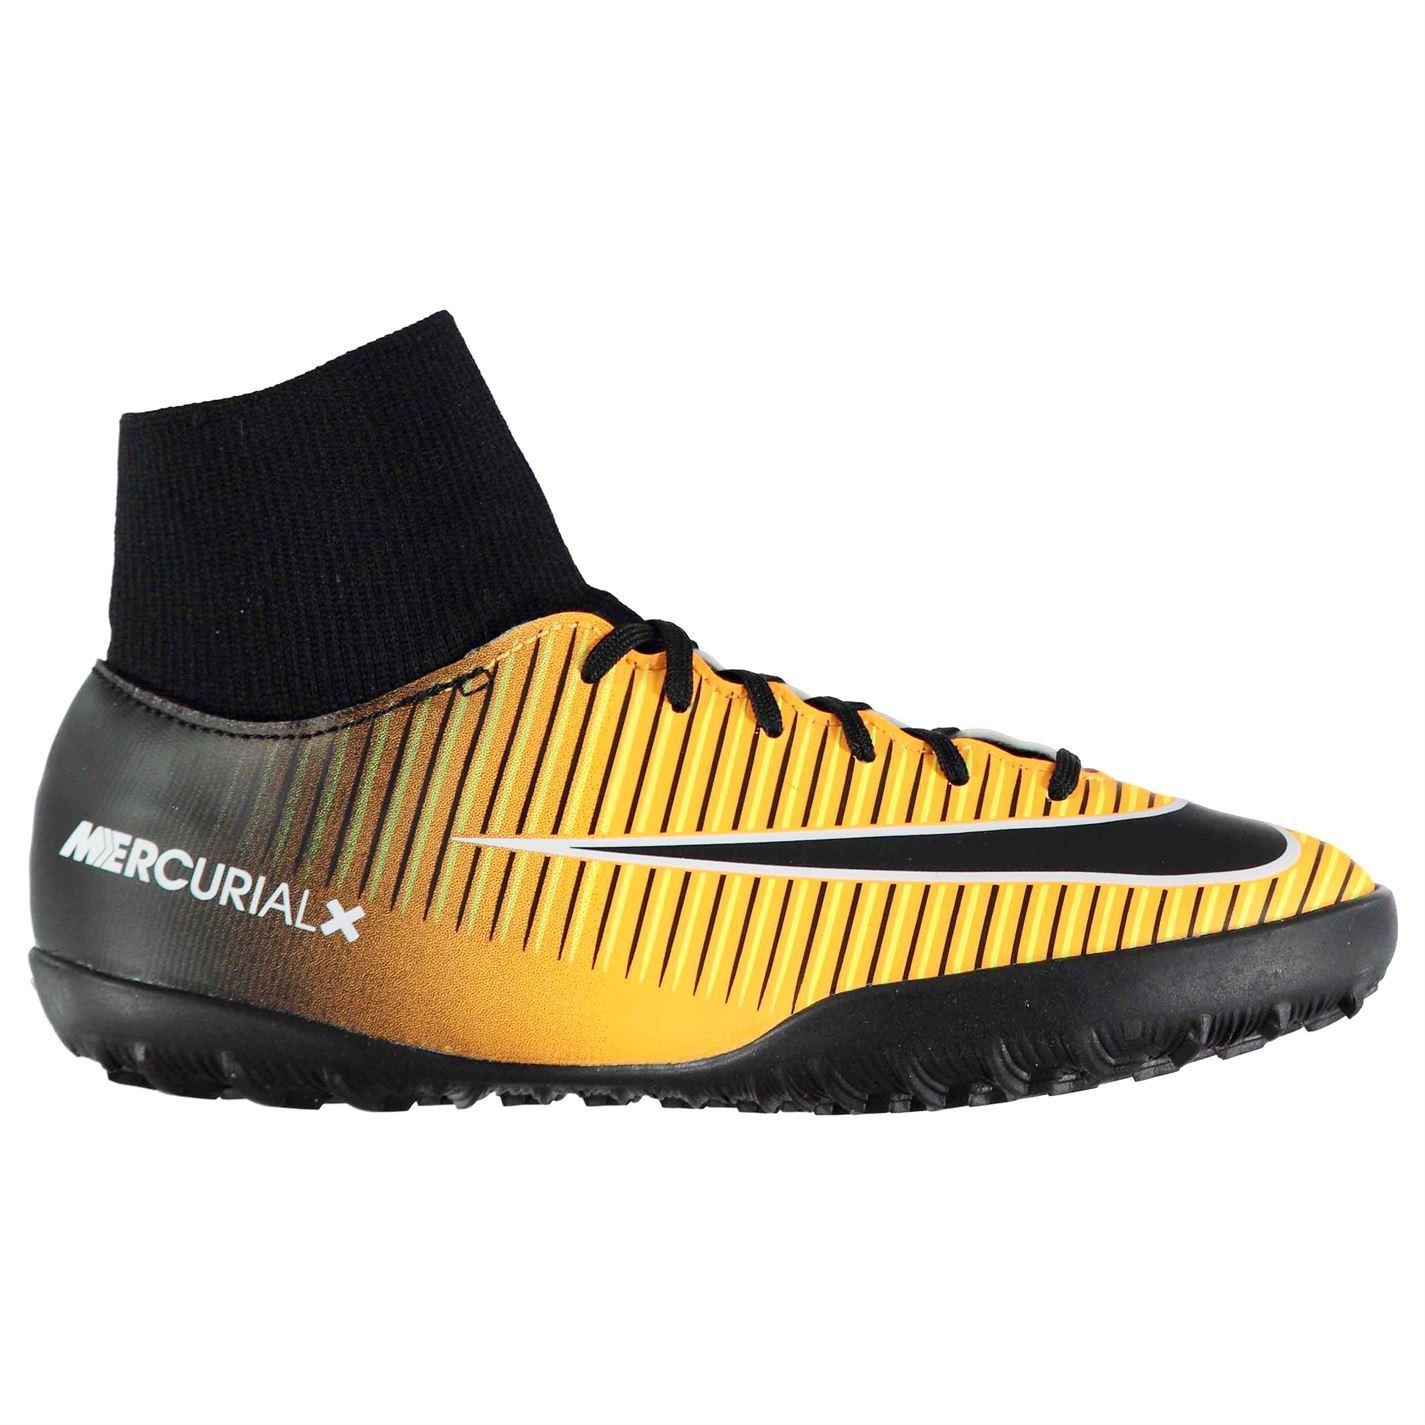 ... Nike Mercurial Victory DF Astro Turf calcio formatori Junior scarpe da  calcio 2e7f44b6a22